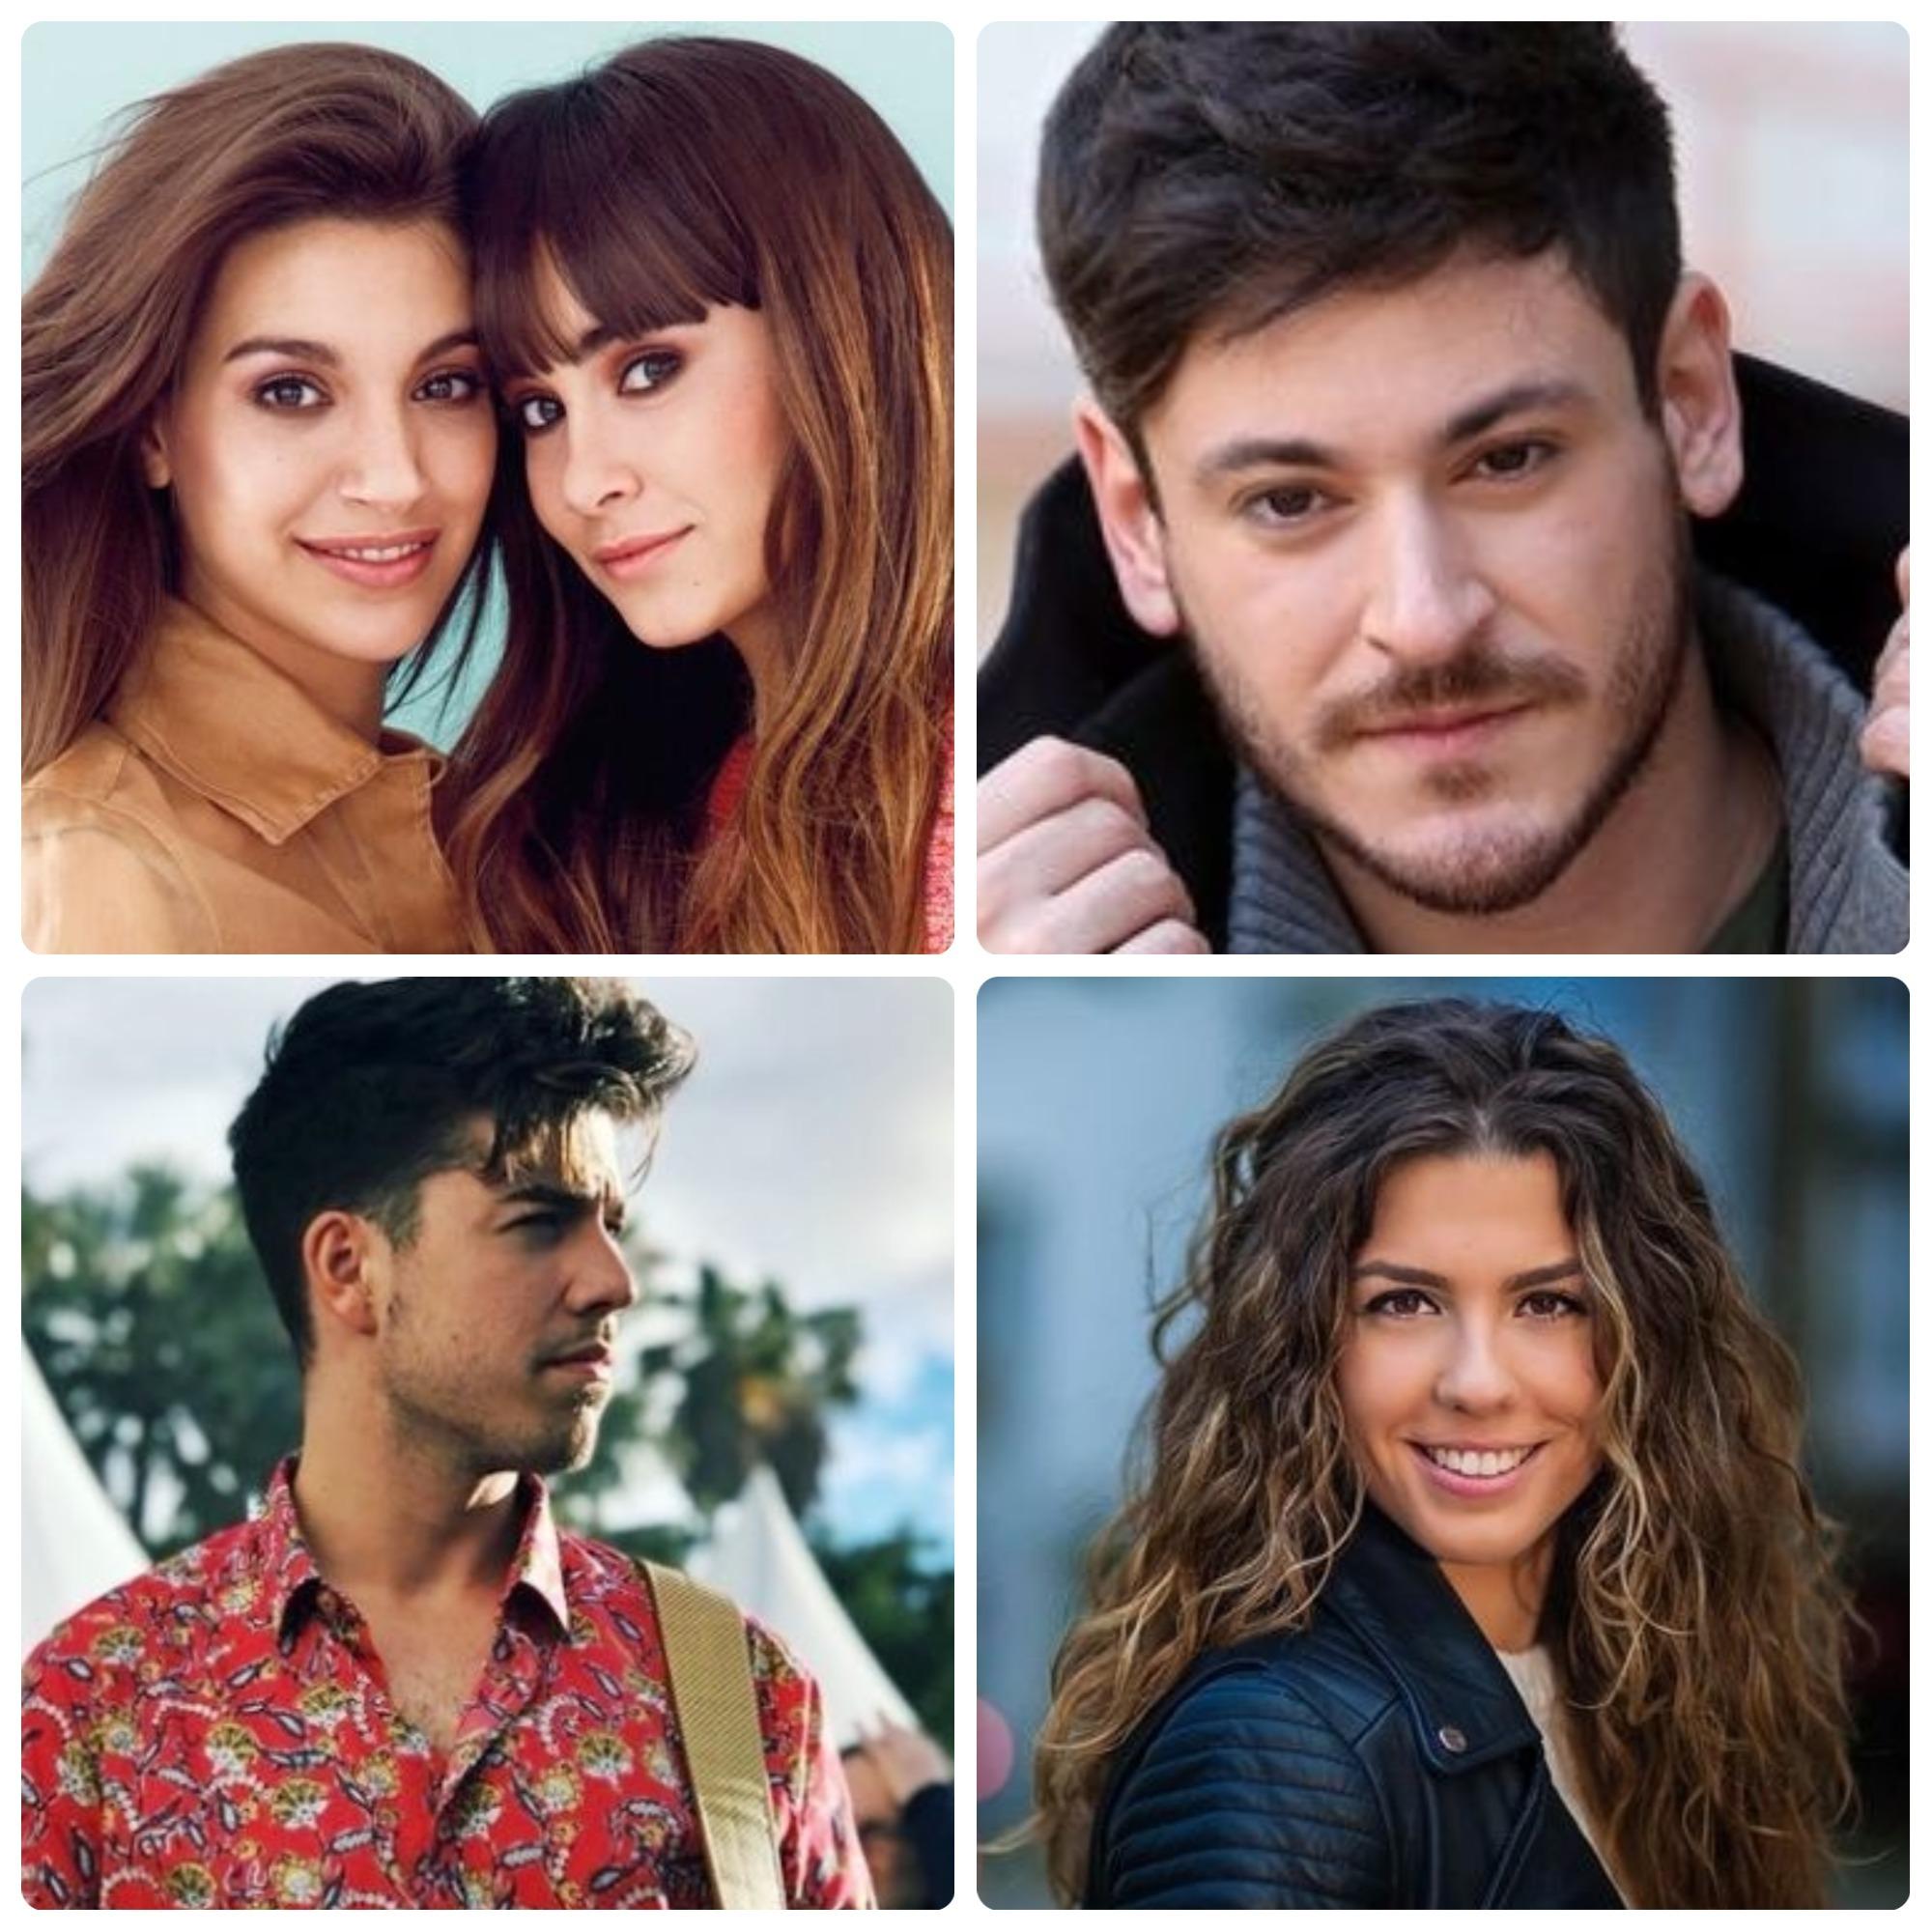 ARTÍCULO | Aitana, Ana Guerra, Roi, Cepeda y Miriam actuarán en la Fiesta Mayor de Andorra